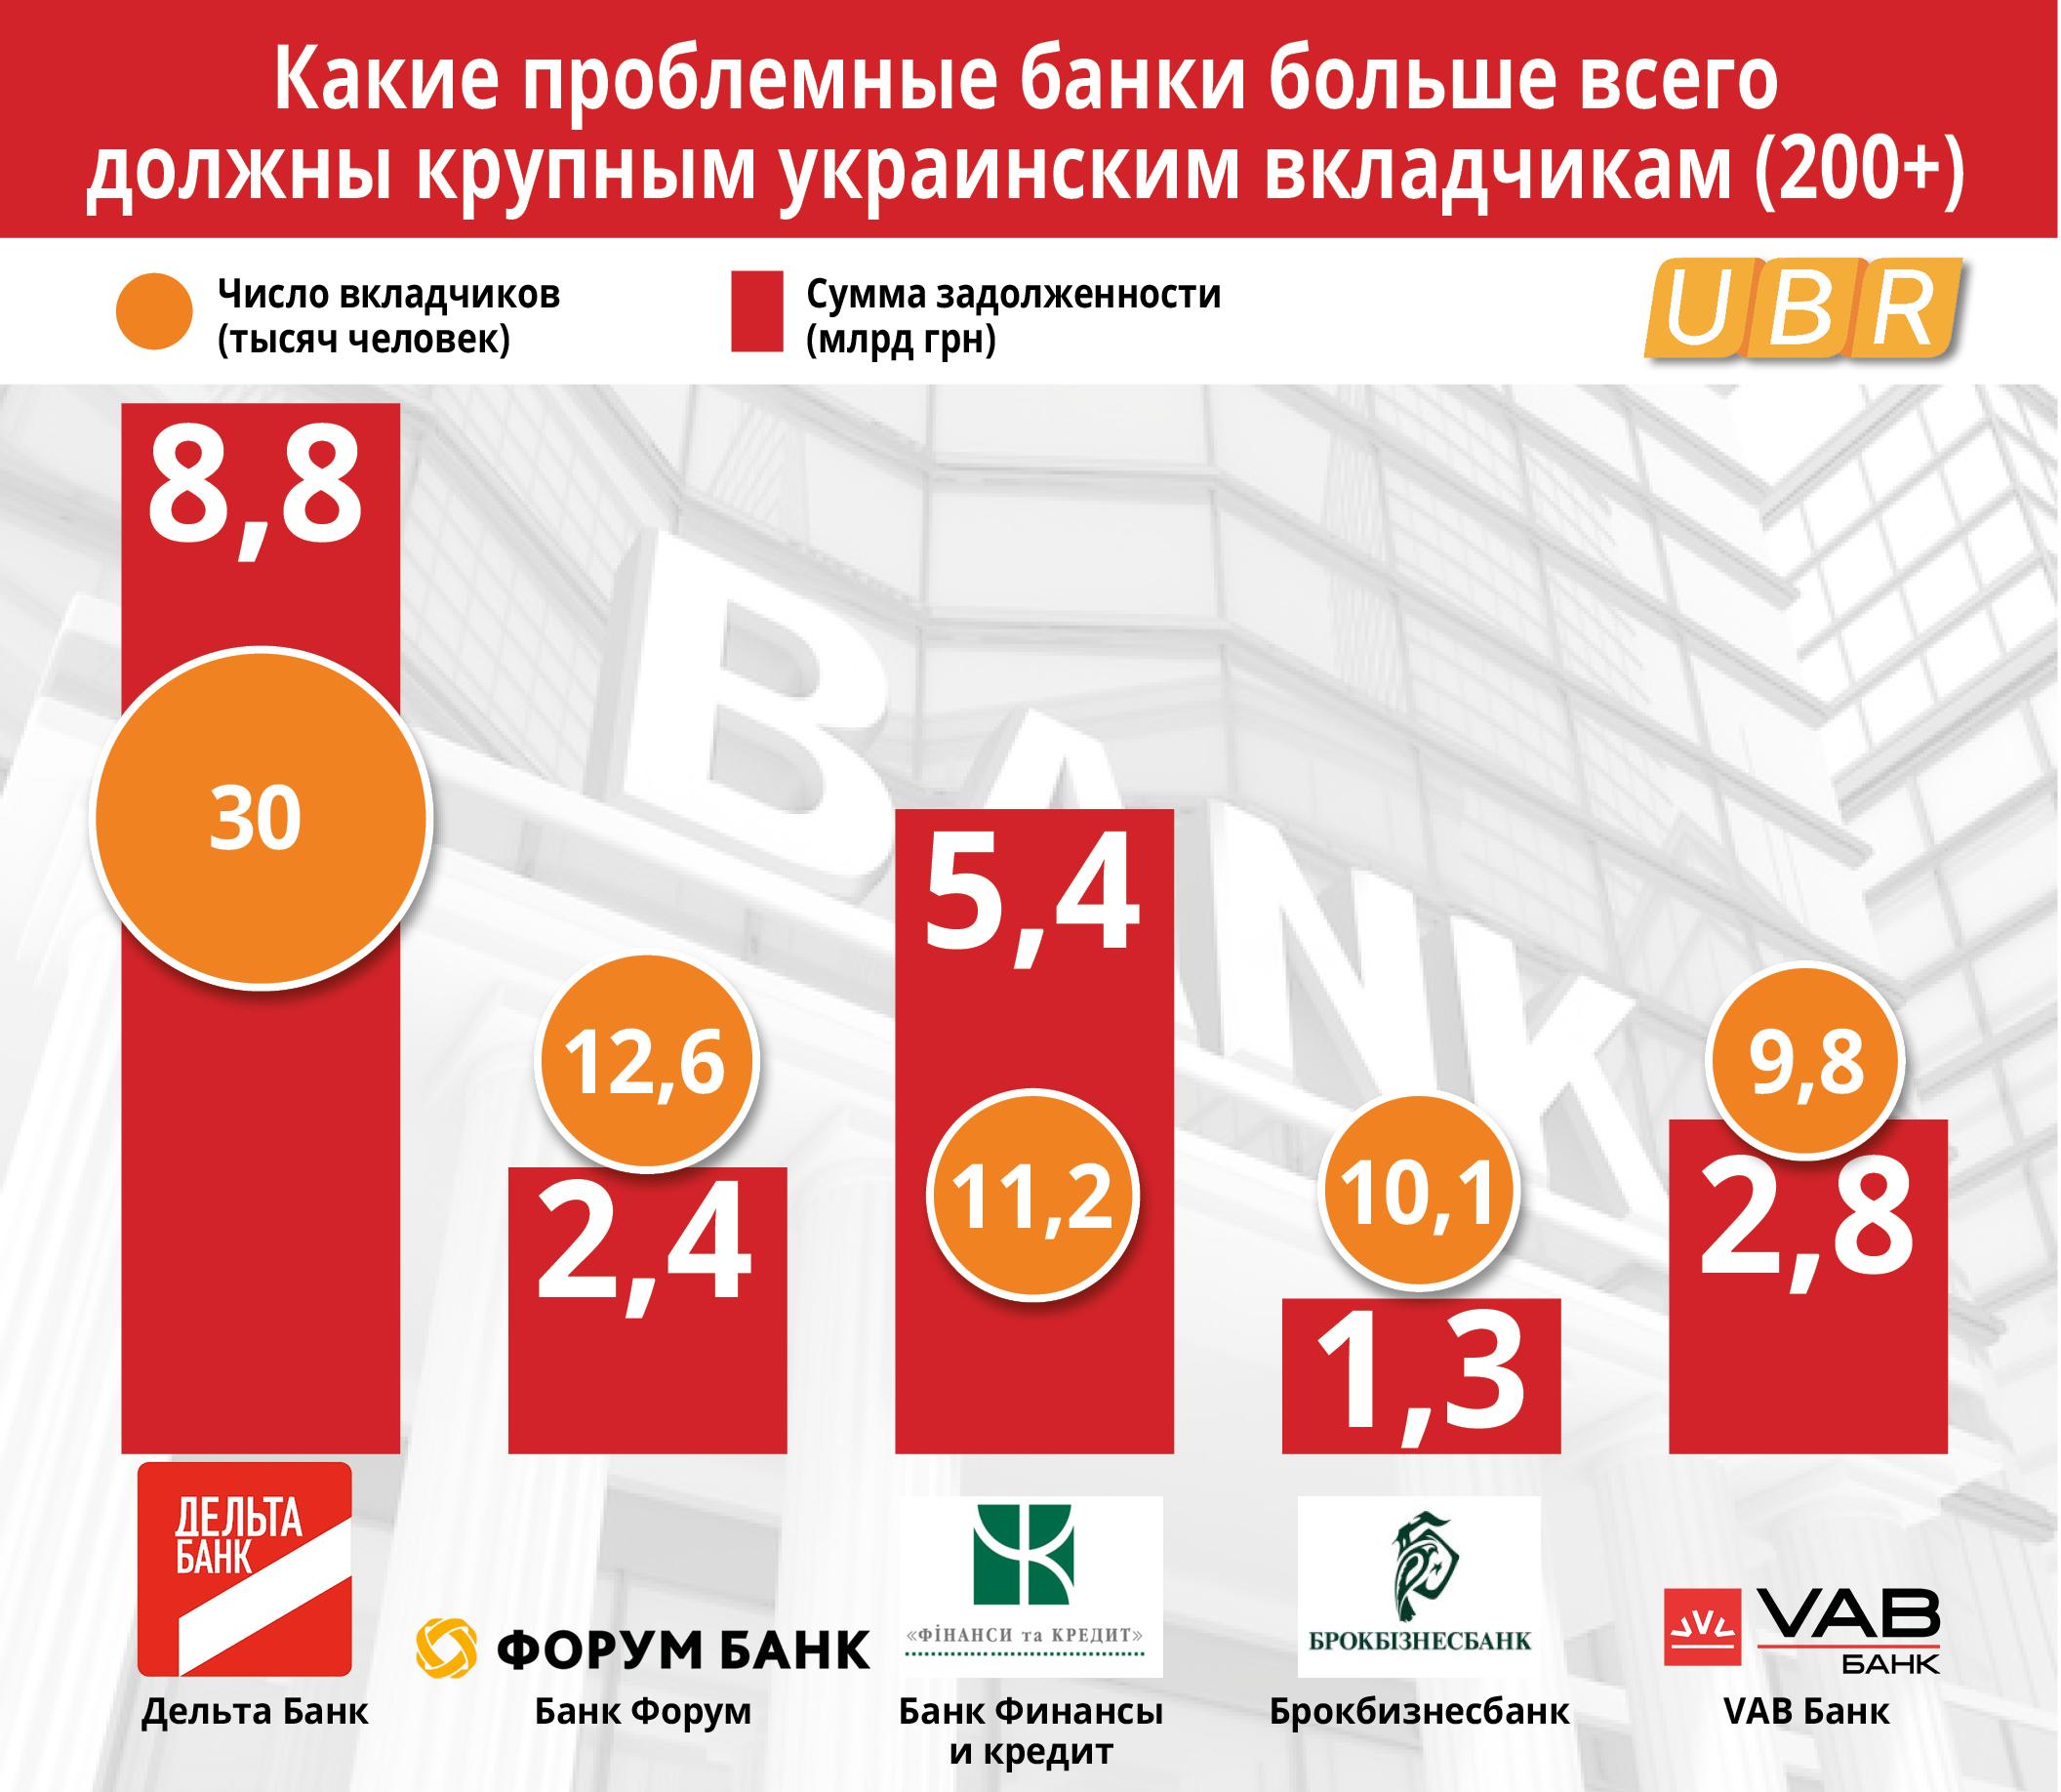 ТОП-5 должников кредиторам